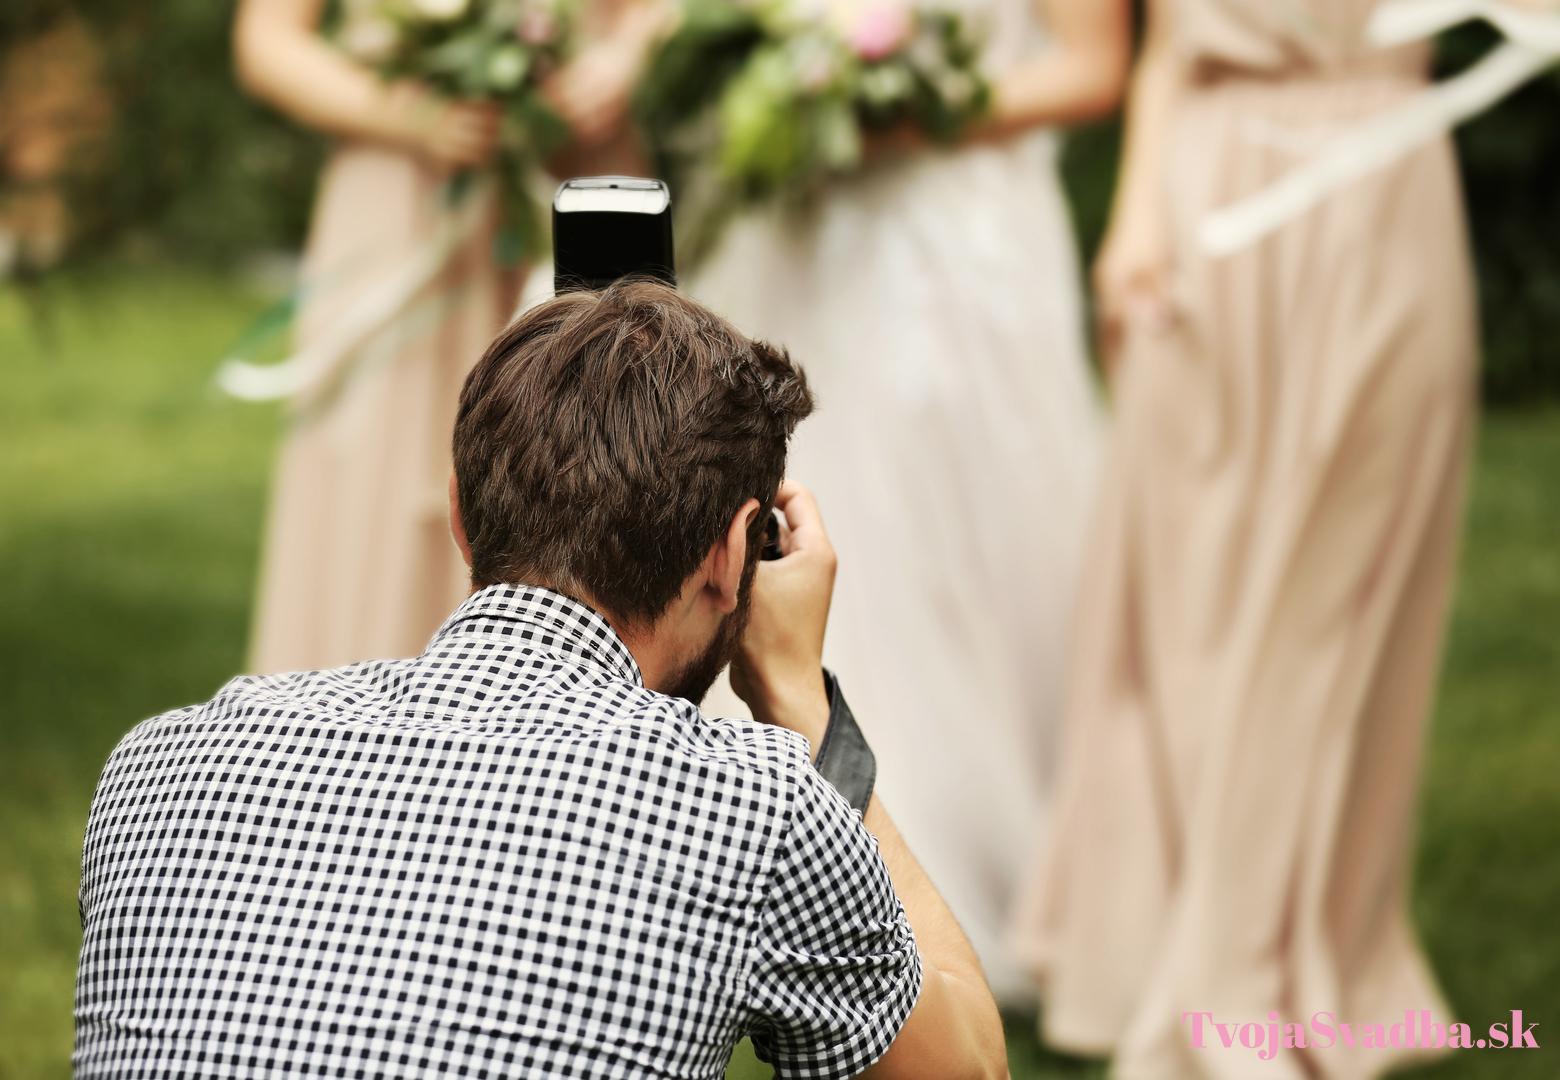 86d3d0a7a05c Lacné svadobné fotografie  Výhra alebo risk  - TvojaSvadba.sk